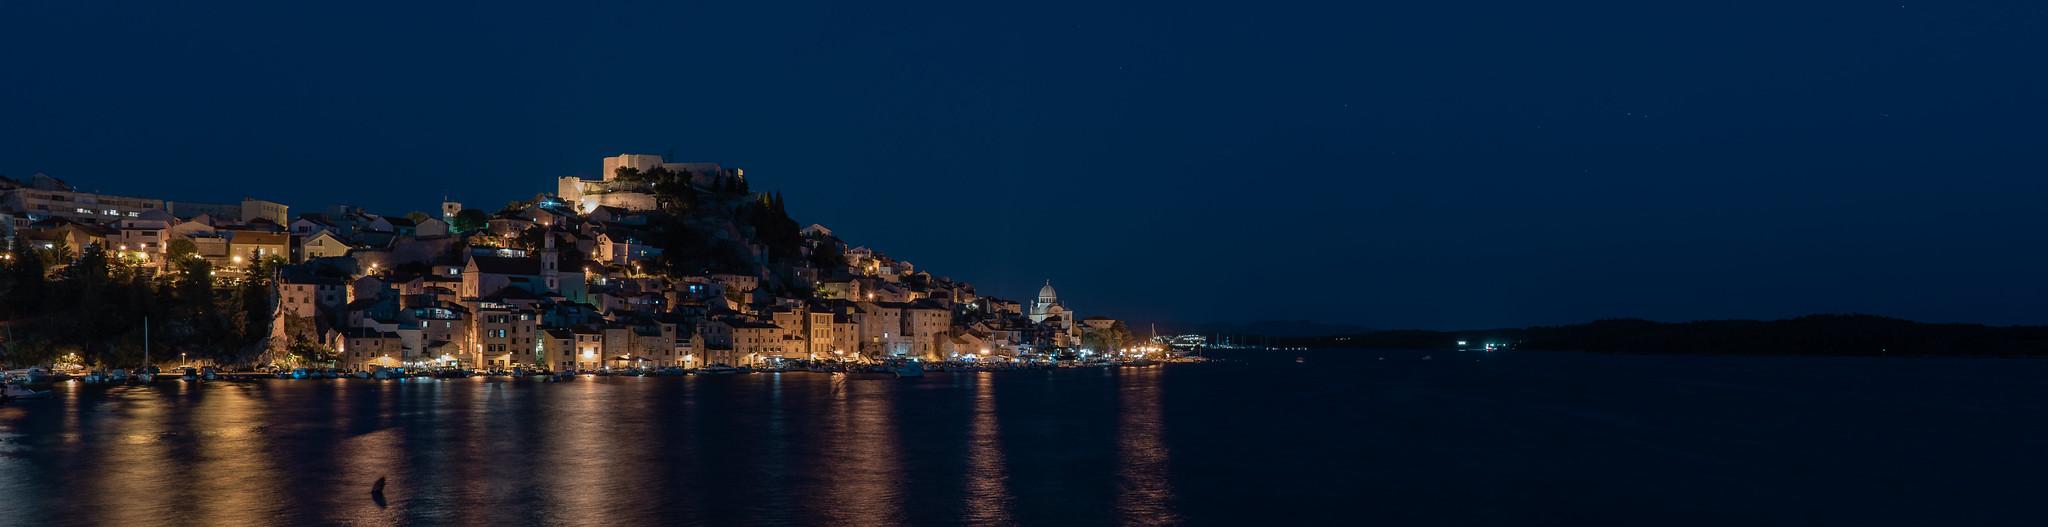 Secret Dalmatia Split Croatia